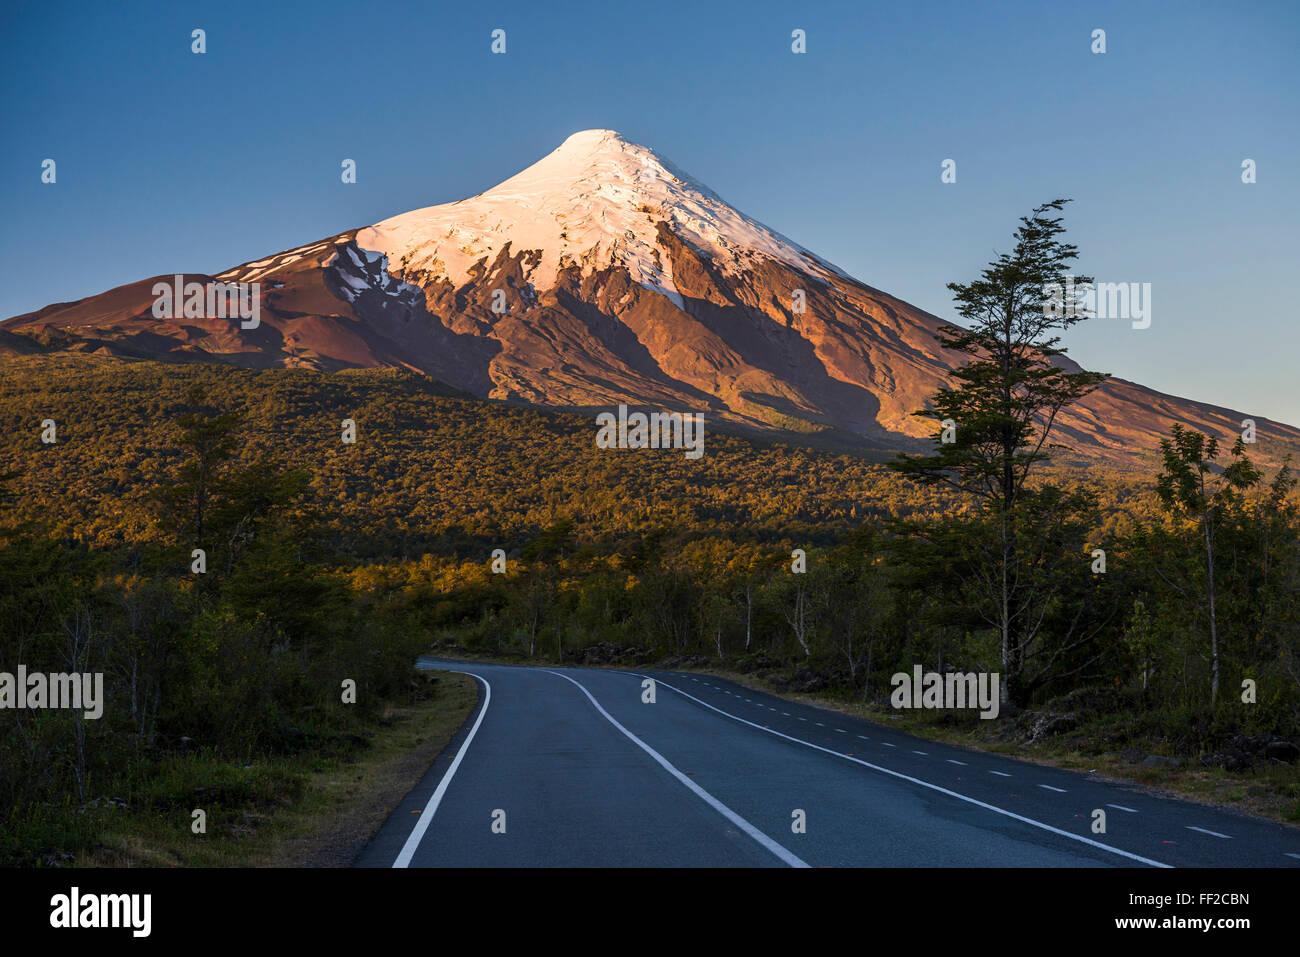 Atardecer en Osorno, Vicente Pérez RosaRMes VoRMcano NationaRM Park, el Distrito, ChiRMe ChiRMean RMake, Sudamérica Foto de stock